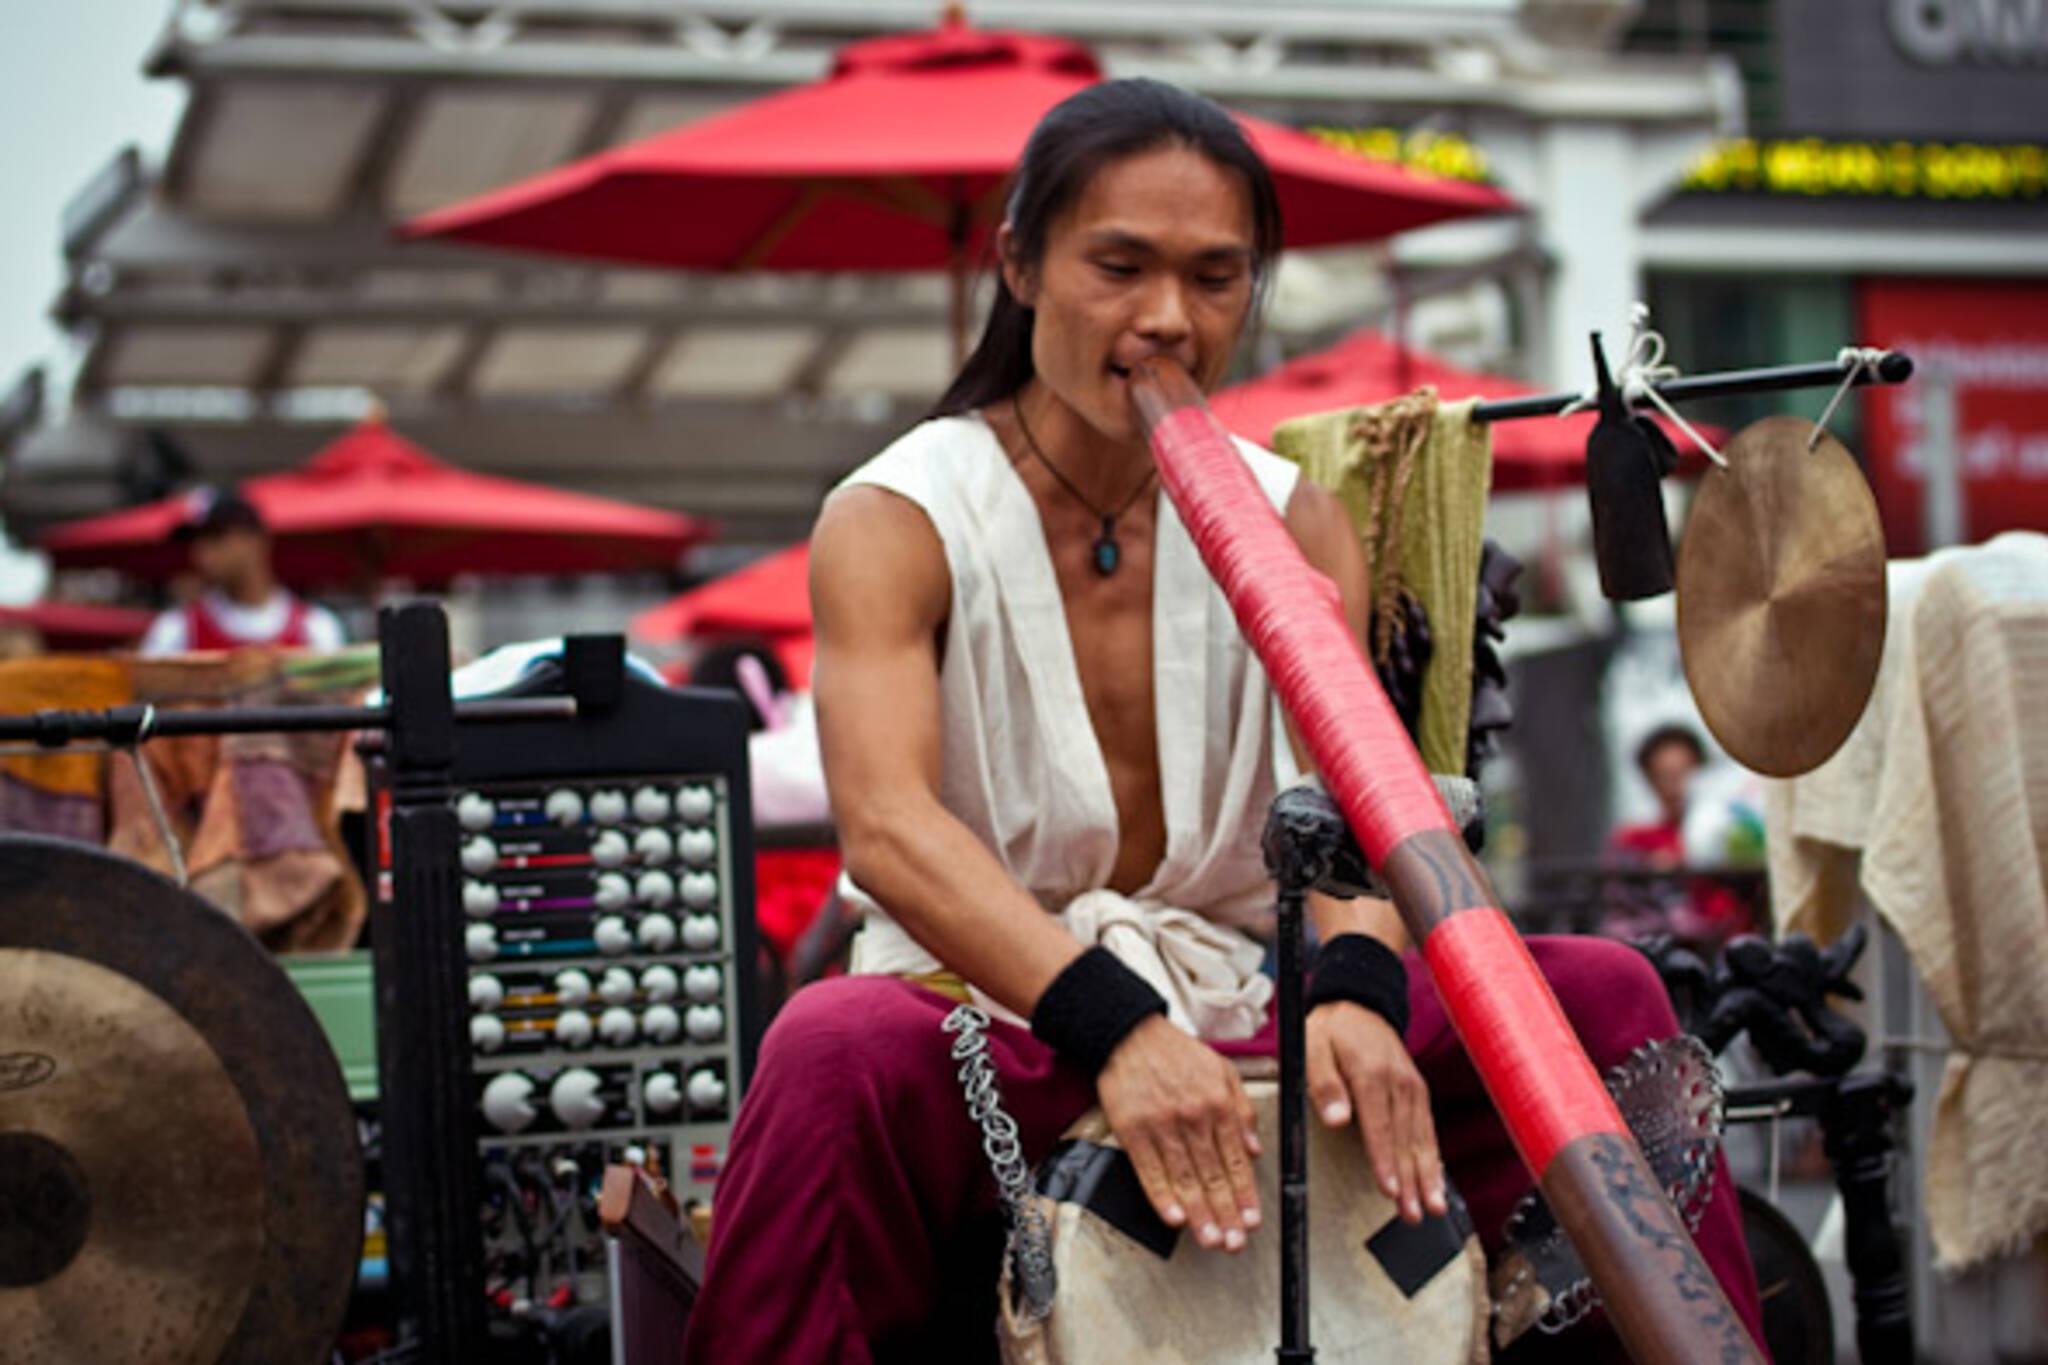 Toronto Street Busker Shibaten with Didgeridoo